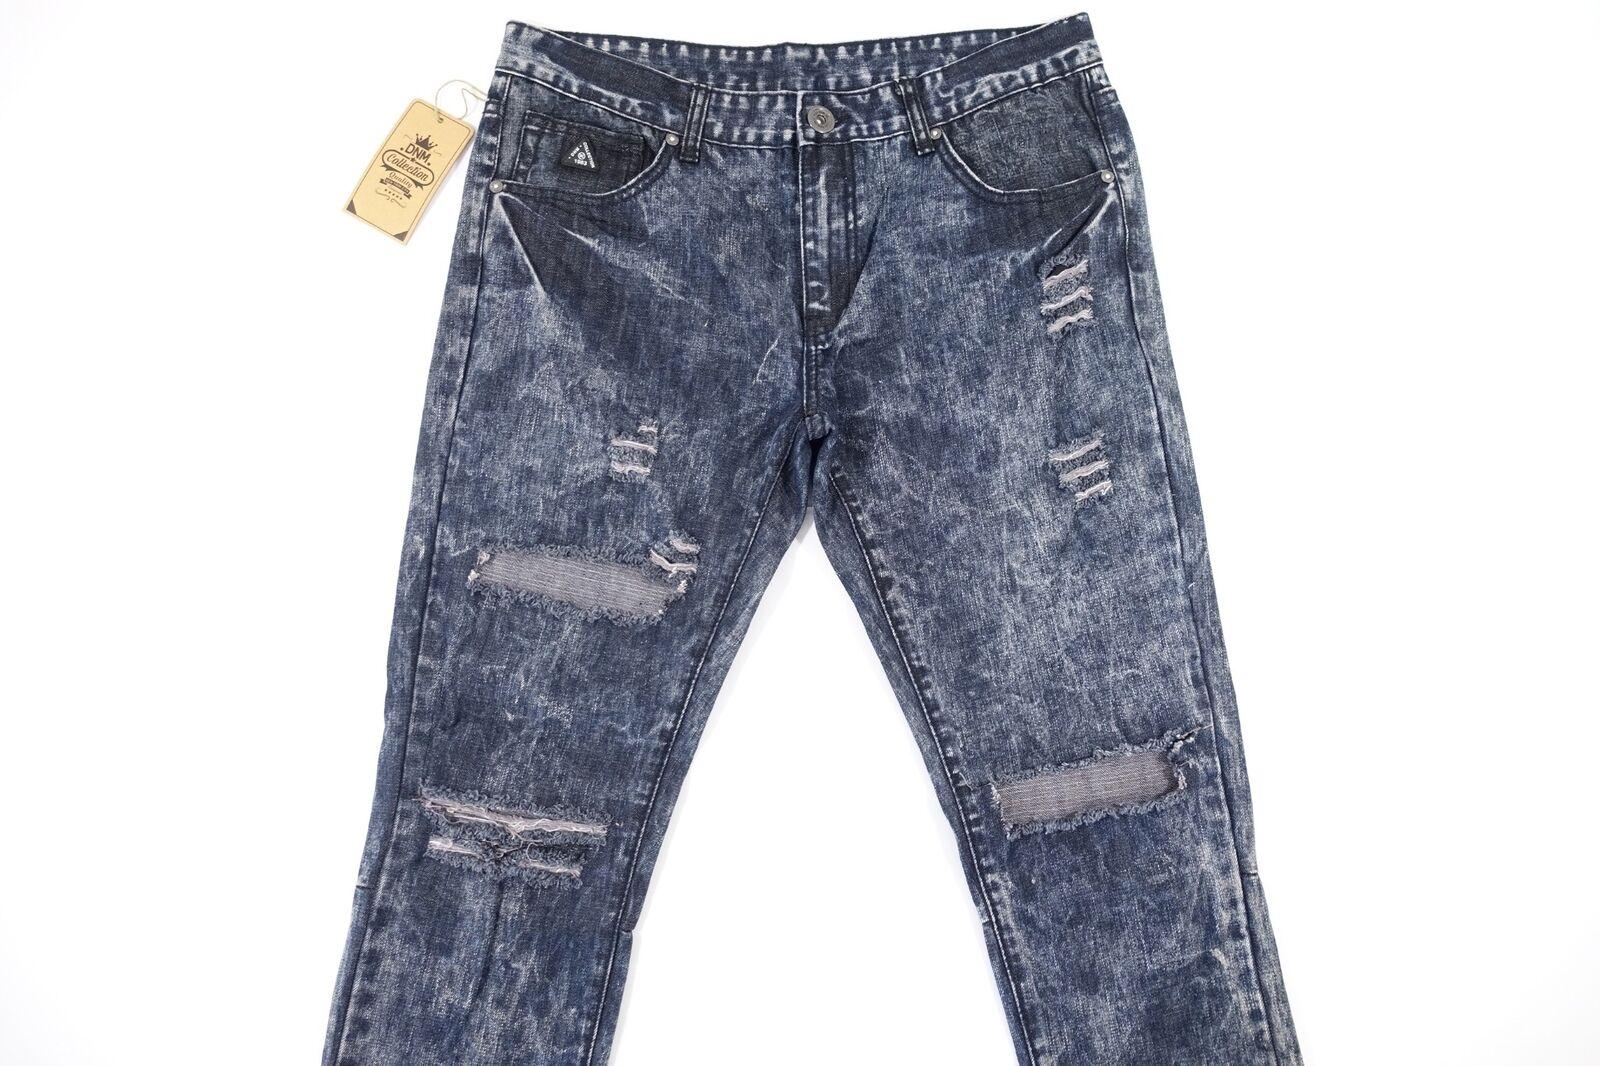 Dnm Collection Verblichen Säure Schwarz Blau Zerrissen Schnitt Knie 34    Zu einem erschwinglichen Preis    Vogue    Umweltfreundlich